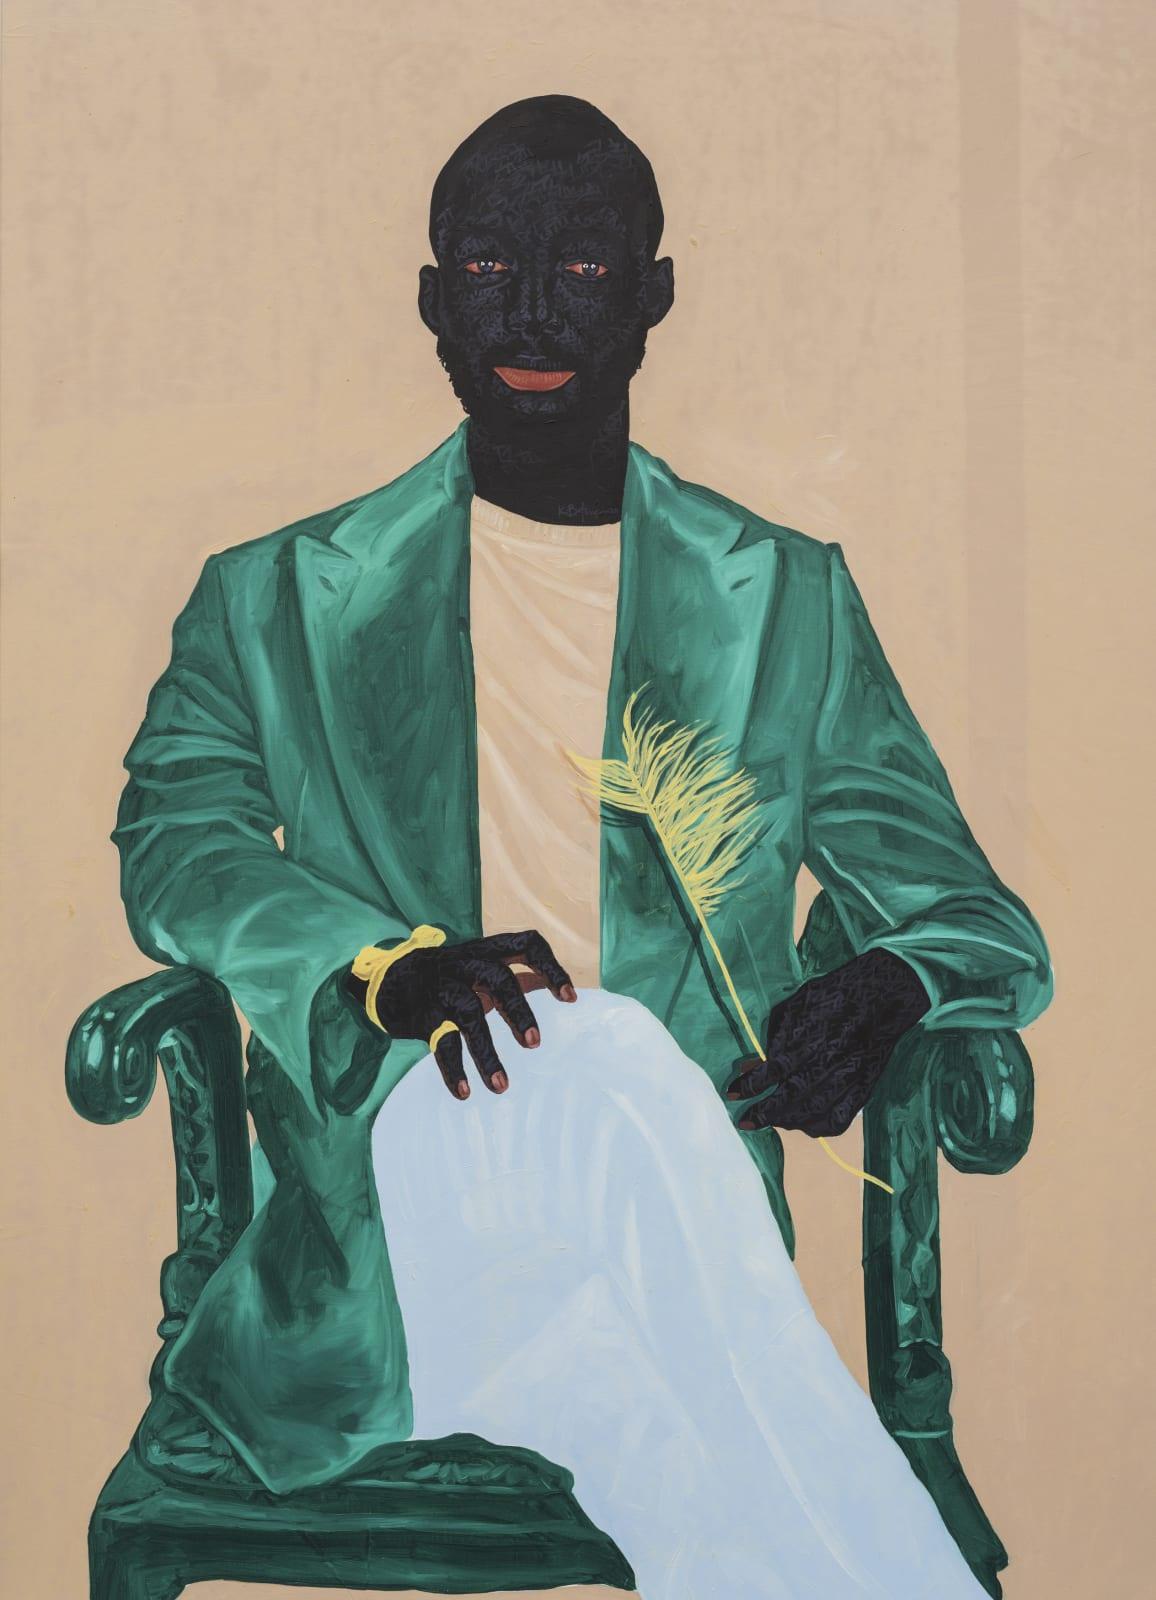 Kwesi Botchway, New King, 2020